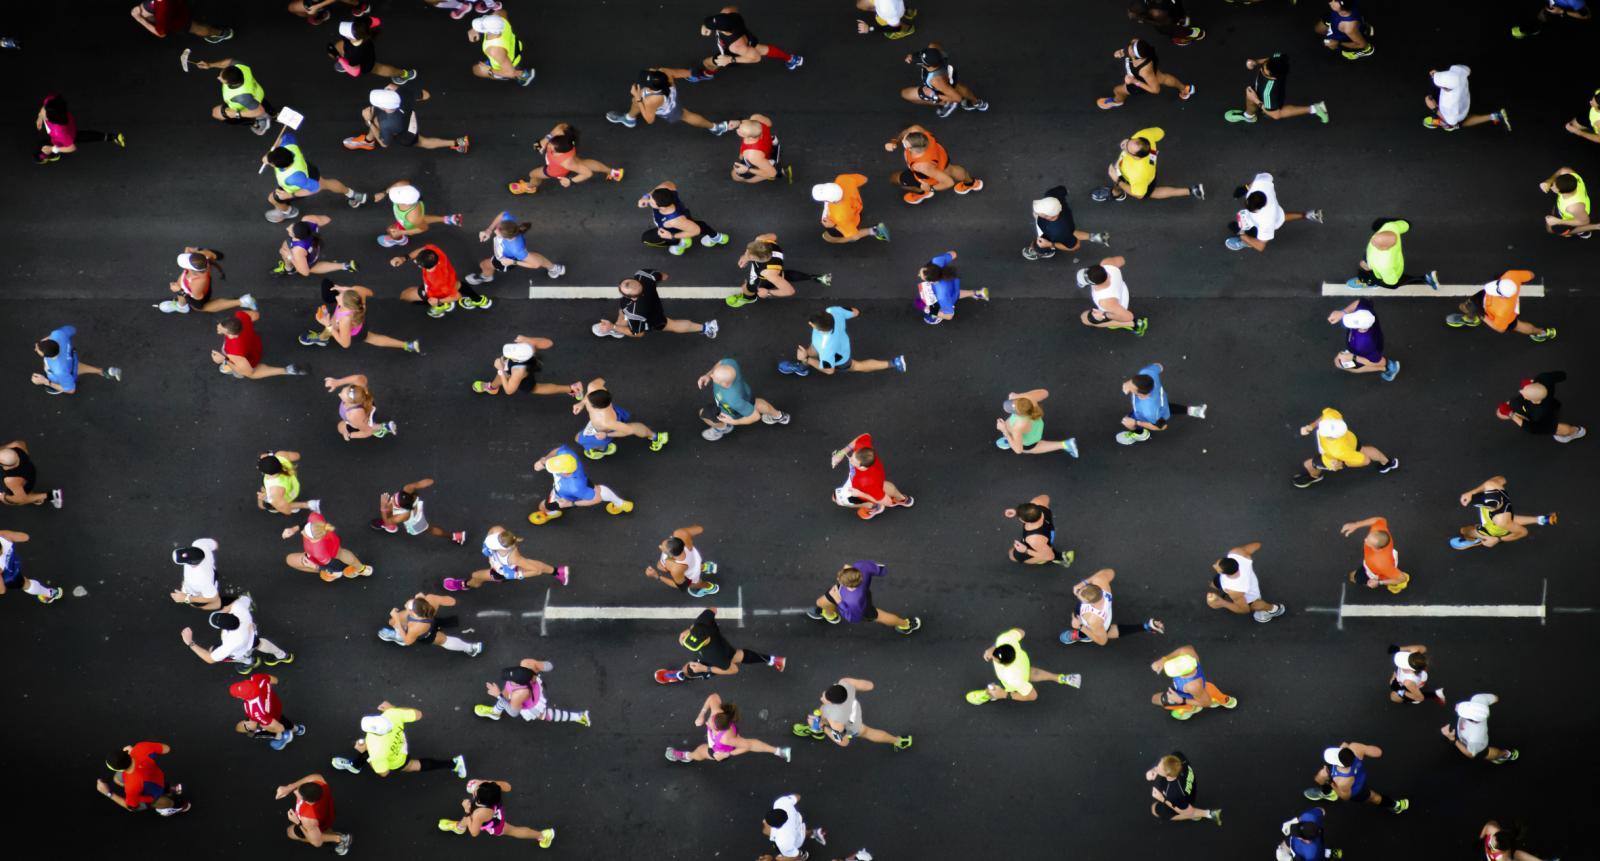 Kao u svakom sportu, tako i kod trčanja postoje favoriti među namirnicama.